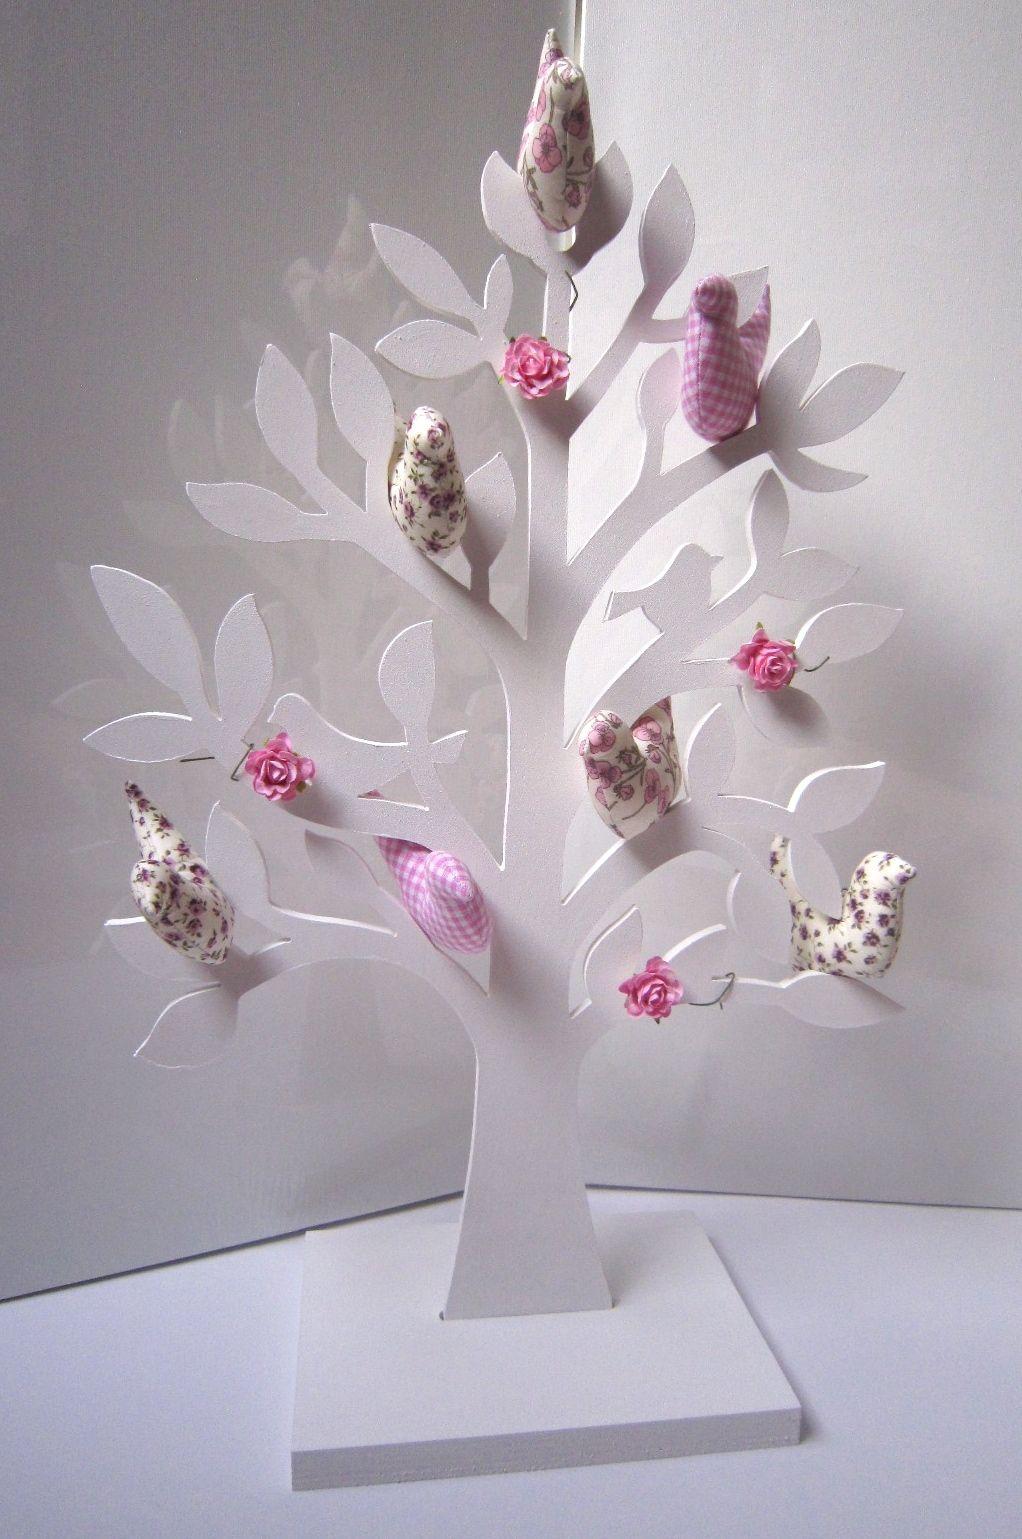 arbre décoratif + 7 mini oiseaux | home | pinterest | decoration